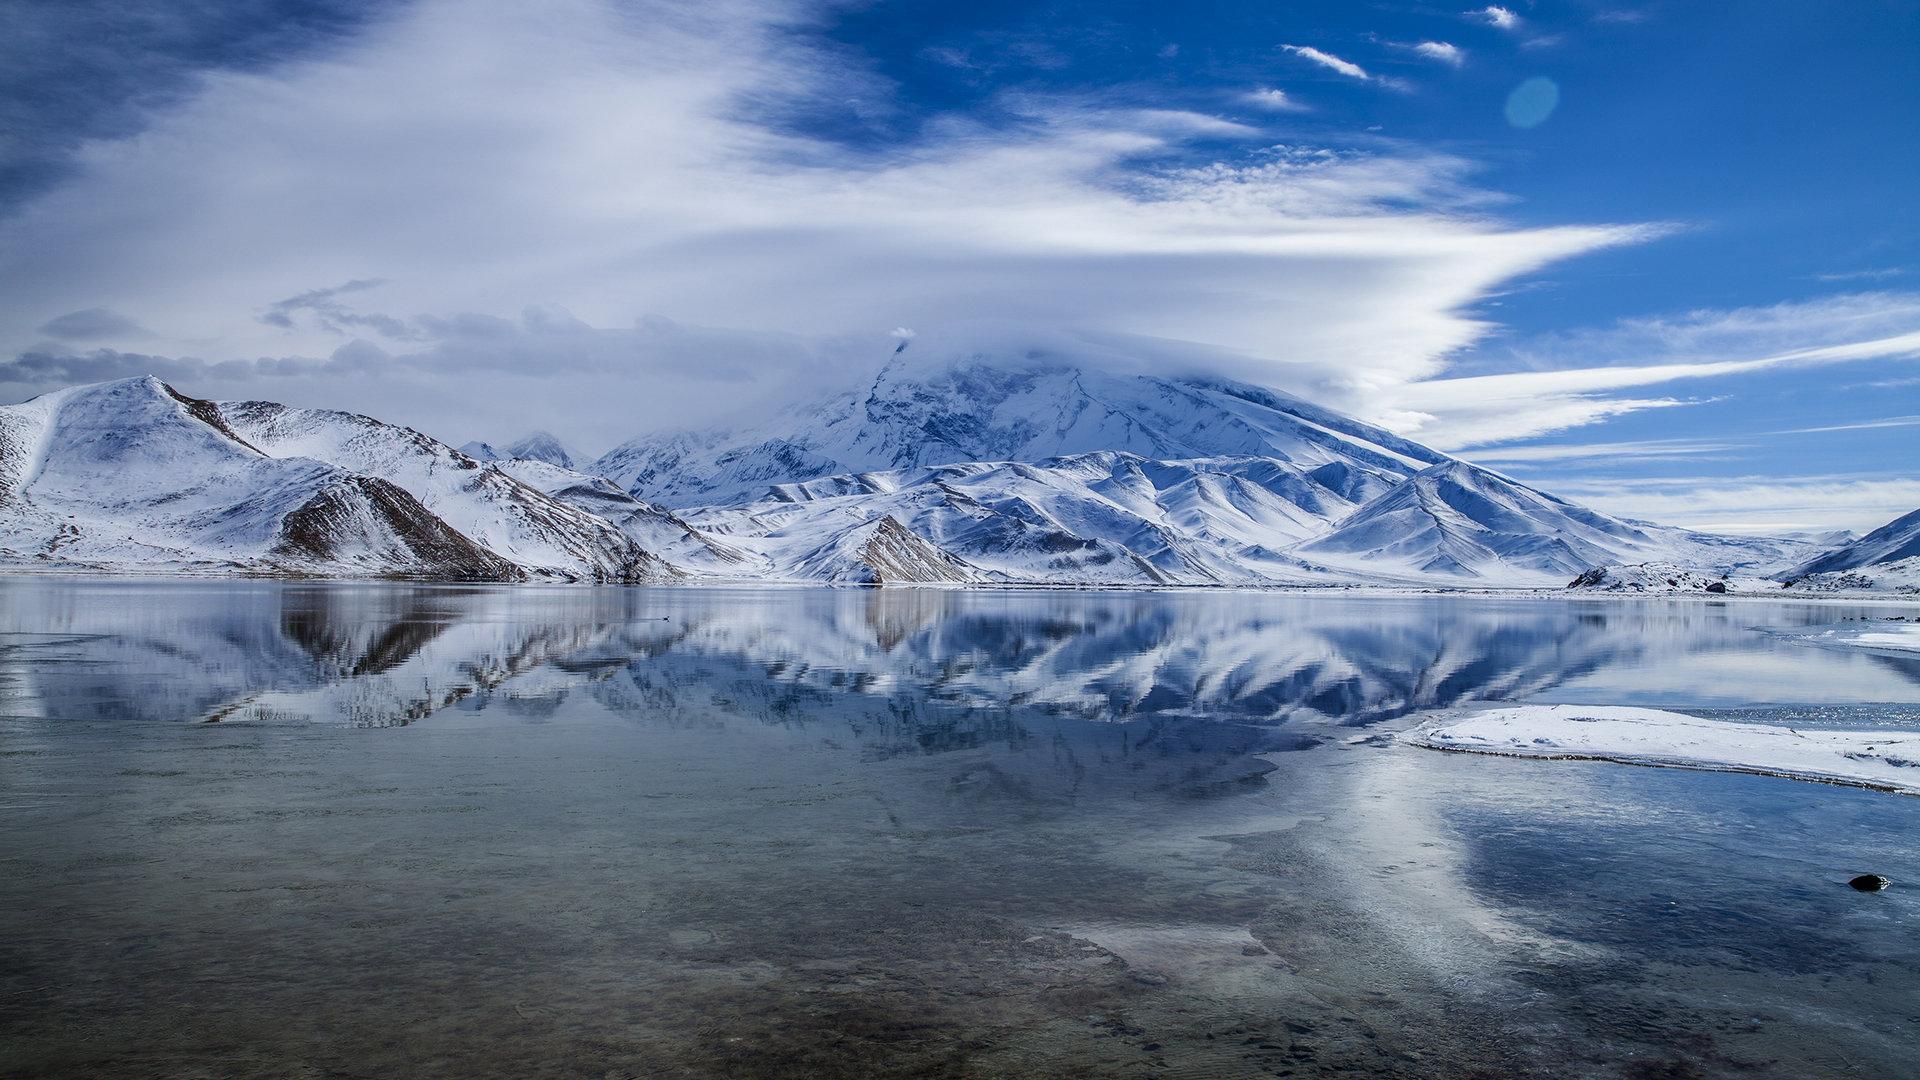 慕士塔格峰风景